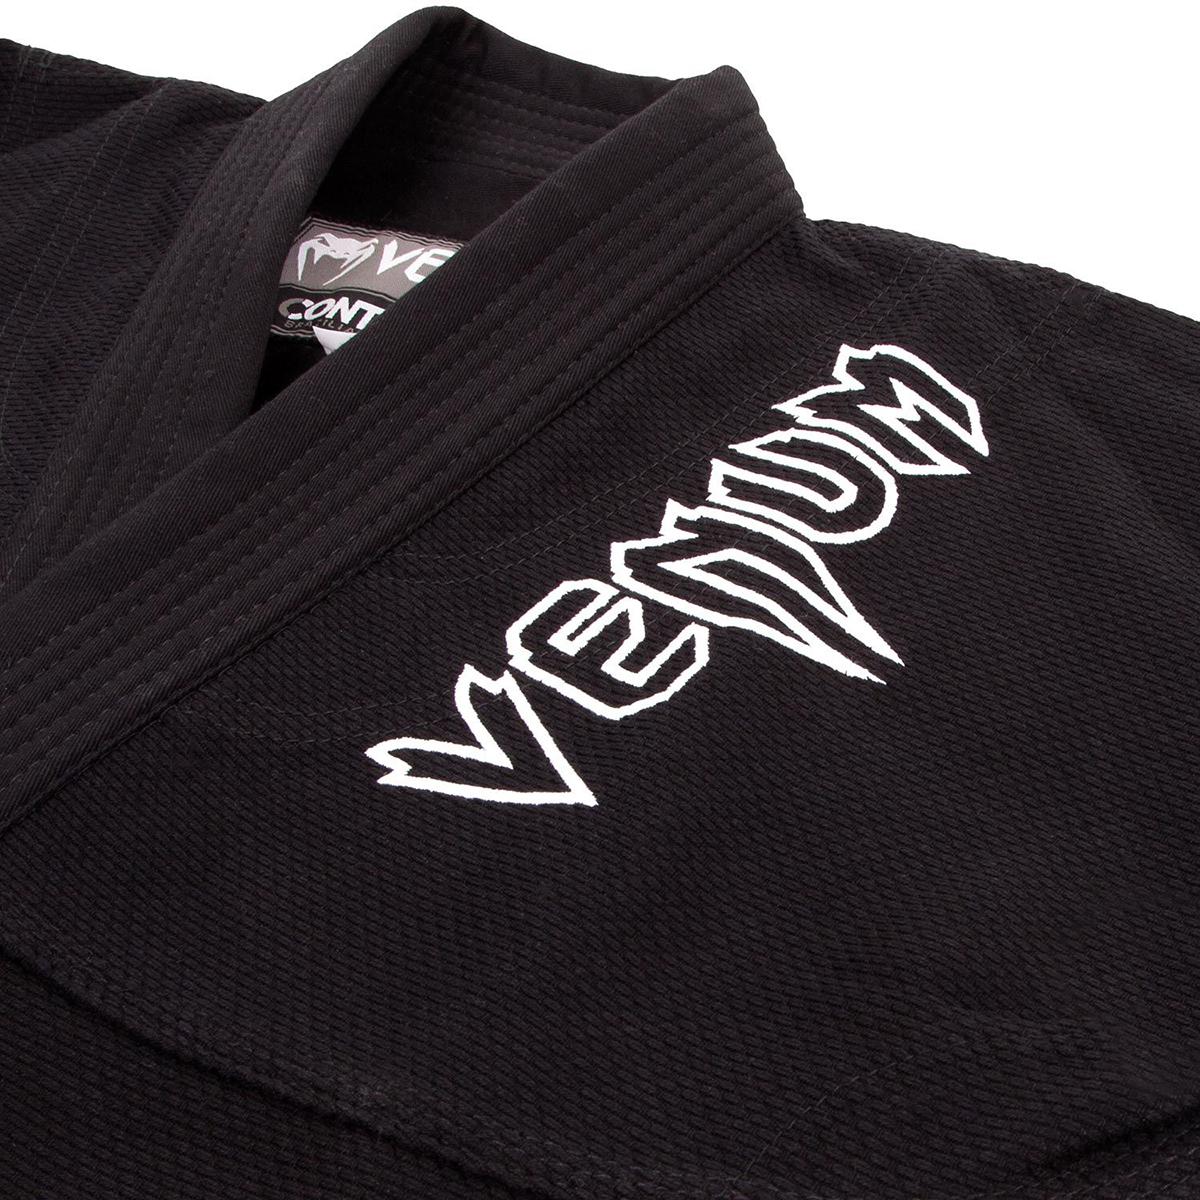 thumbnail 6 - Venum Contender 2.0 Brazilian Jiu-Jitsu Gi